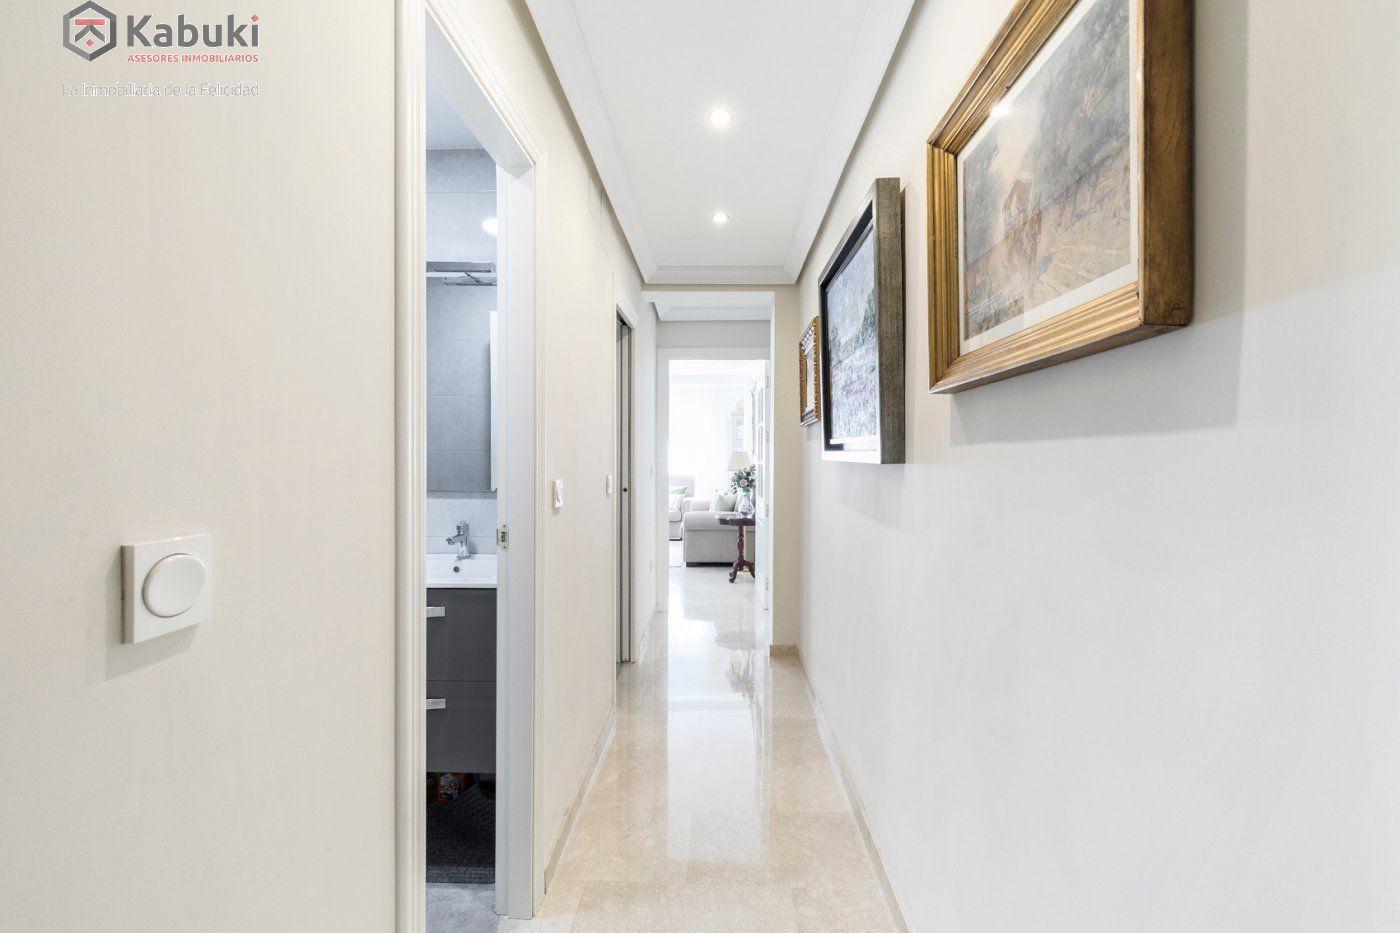 Magnífico piso en zona de recogidas, espacioso y luminoso en planta alta. - imagenInmueble8